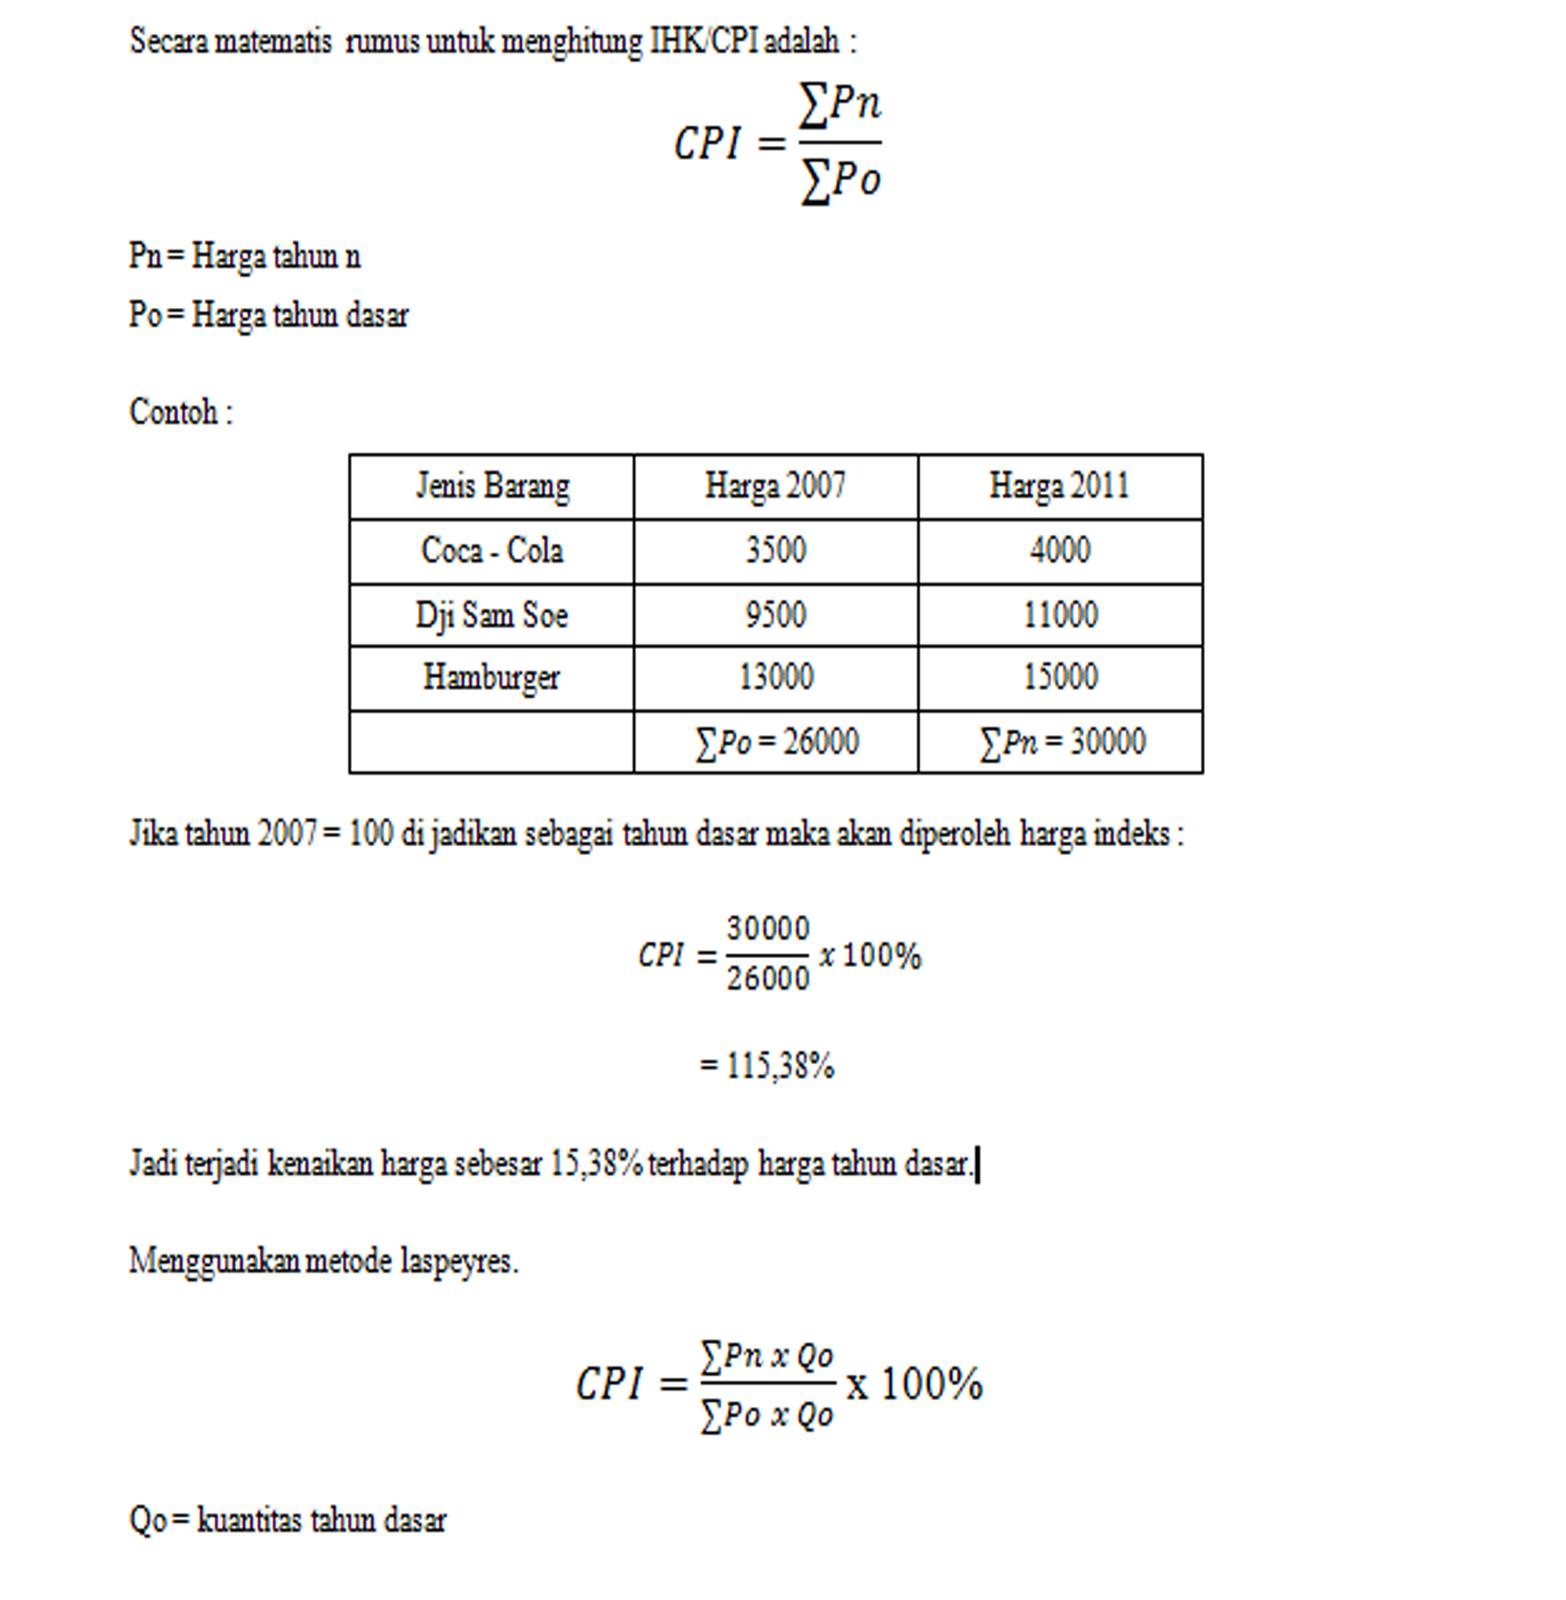 Economic watcher september 2012 secara matematis rumus untuk menghitung ihkcpi adalah ccuart Image collections